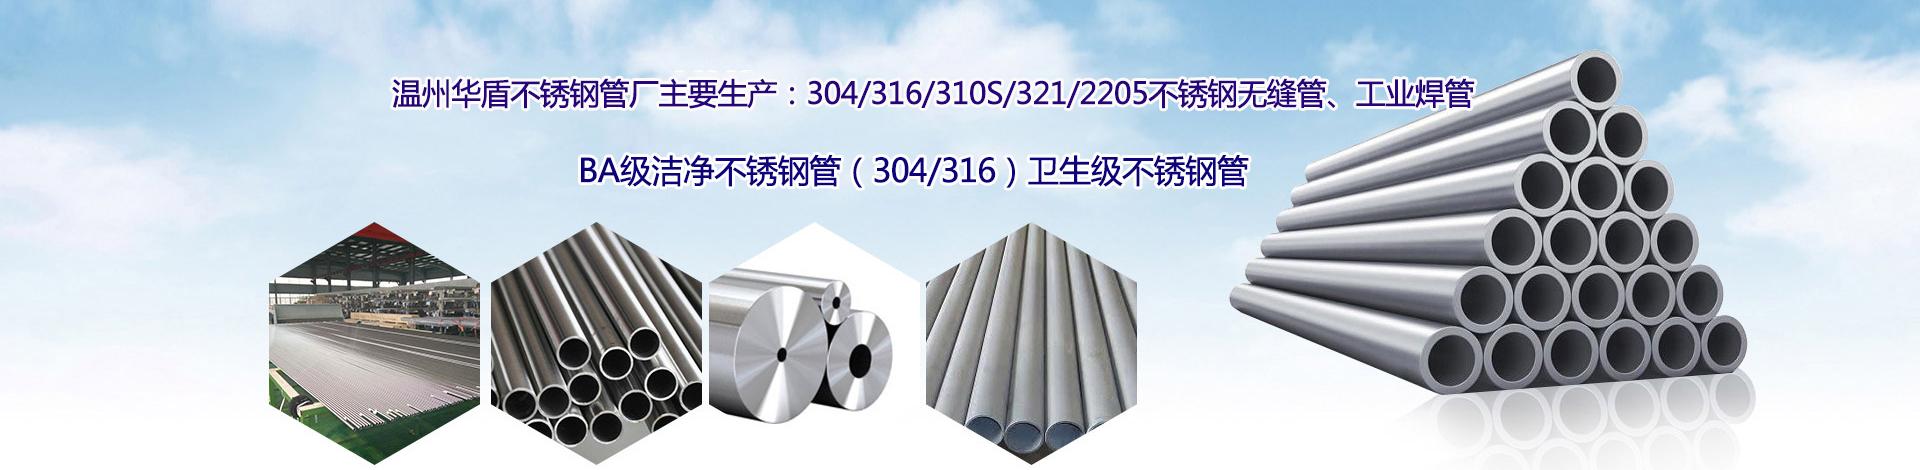 温州华盾钢业有限公司